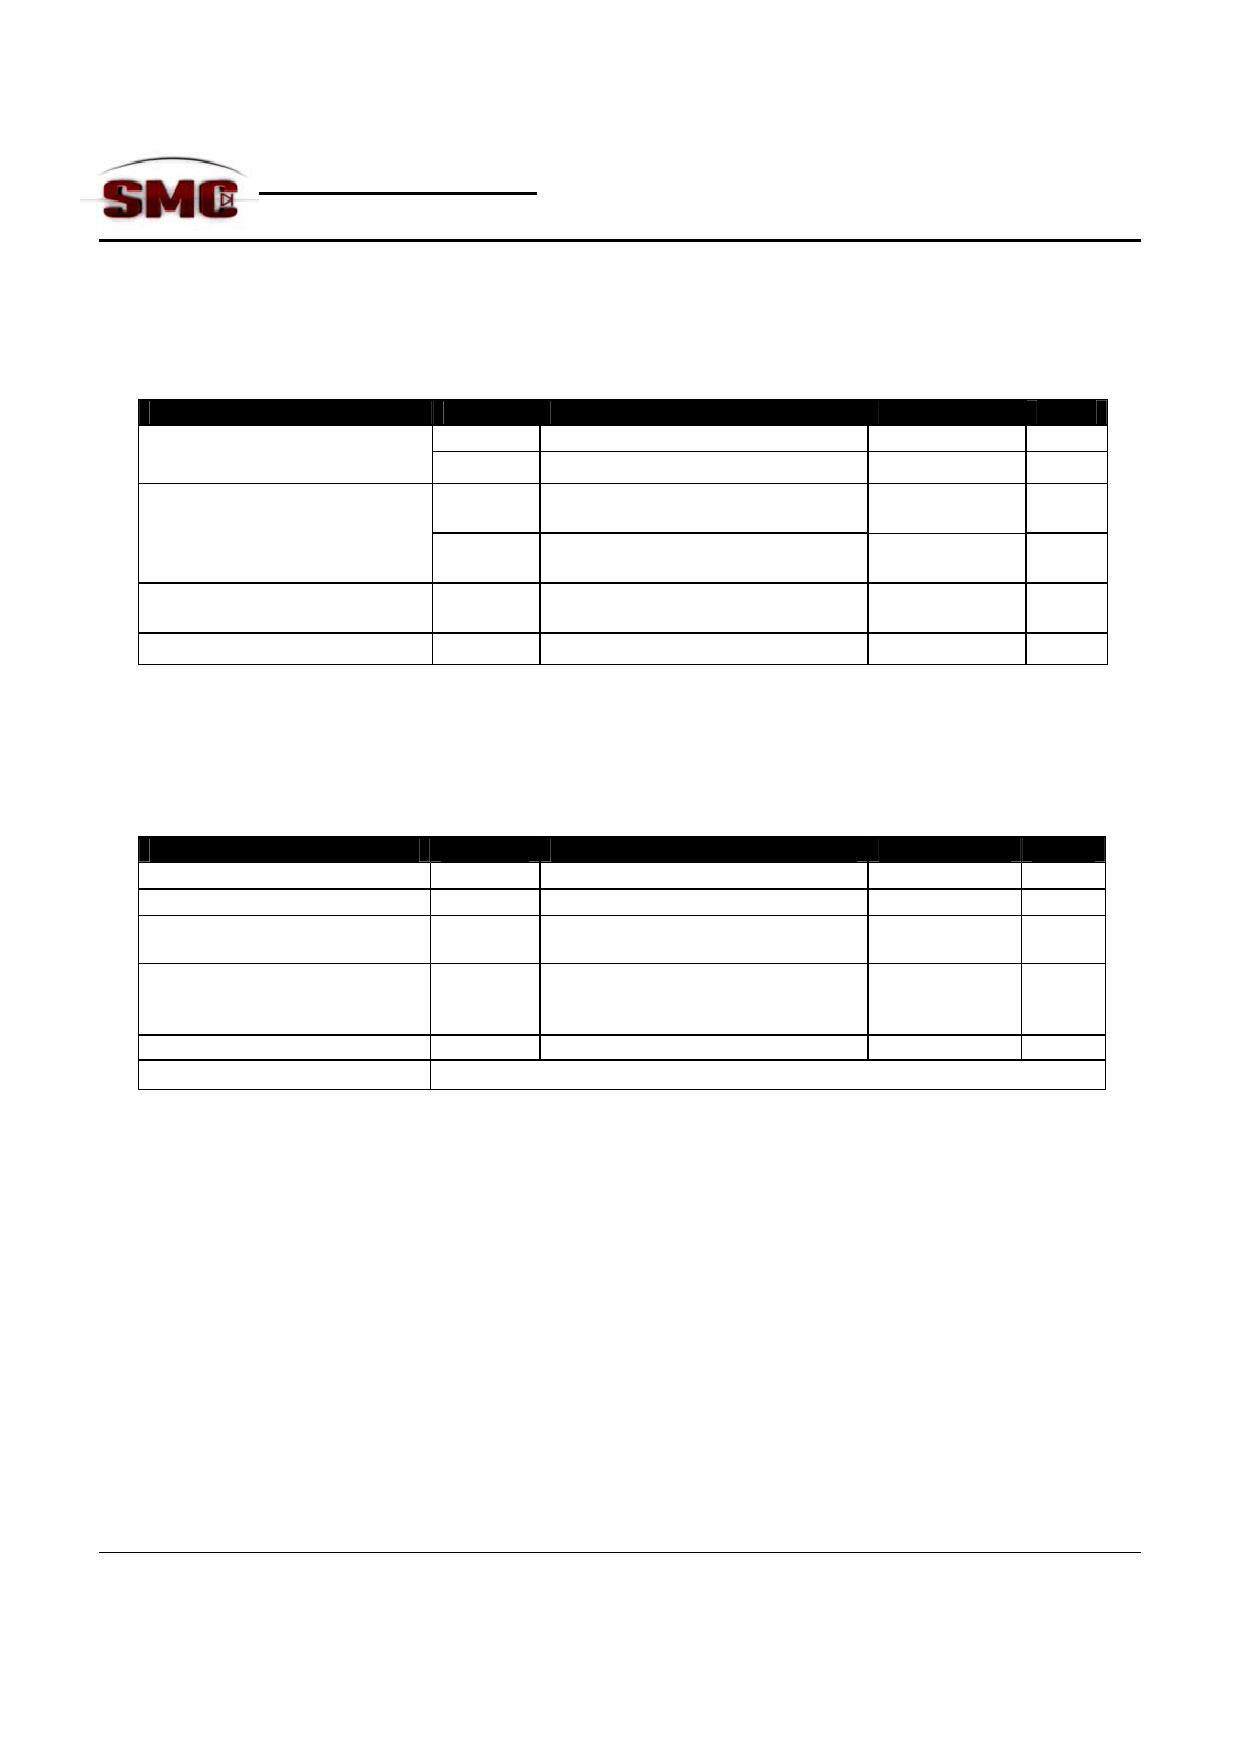 MBR3060CTP pdf, ピン配列